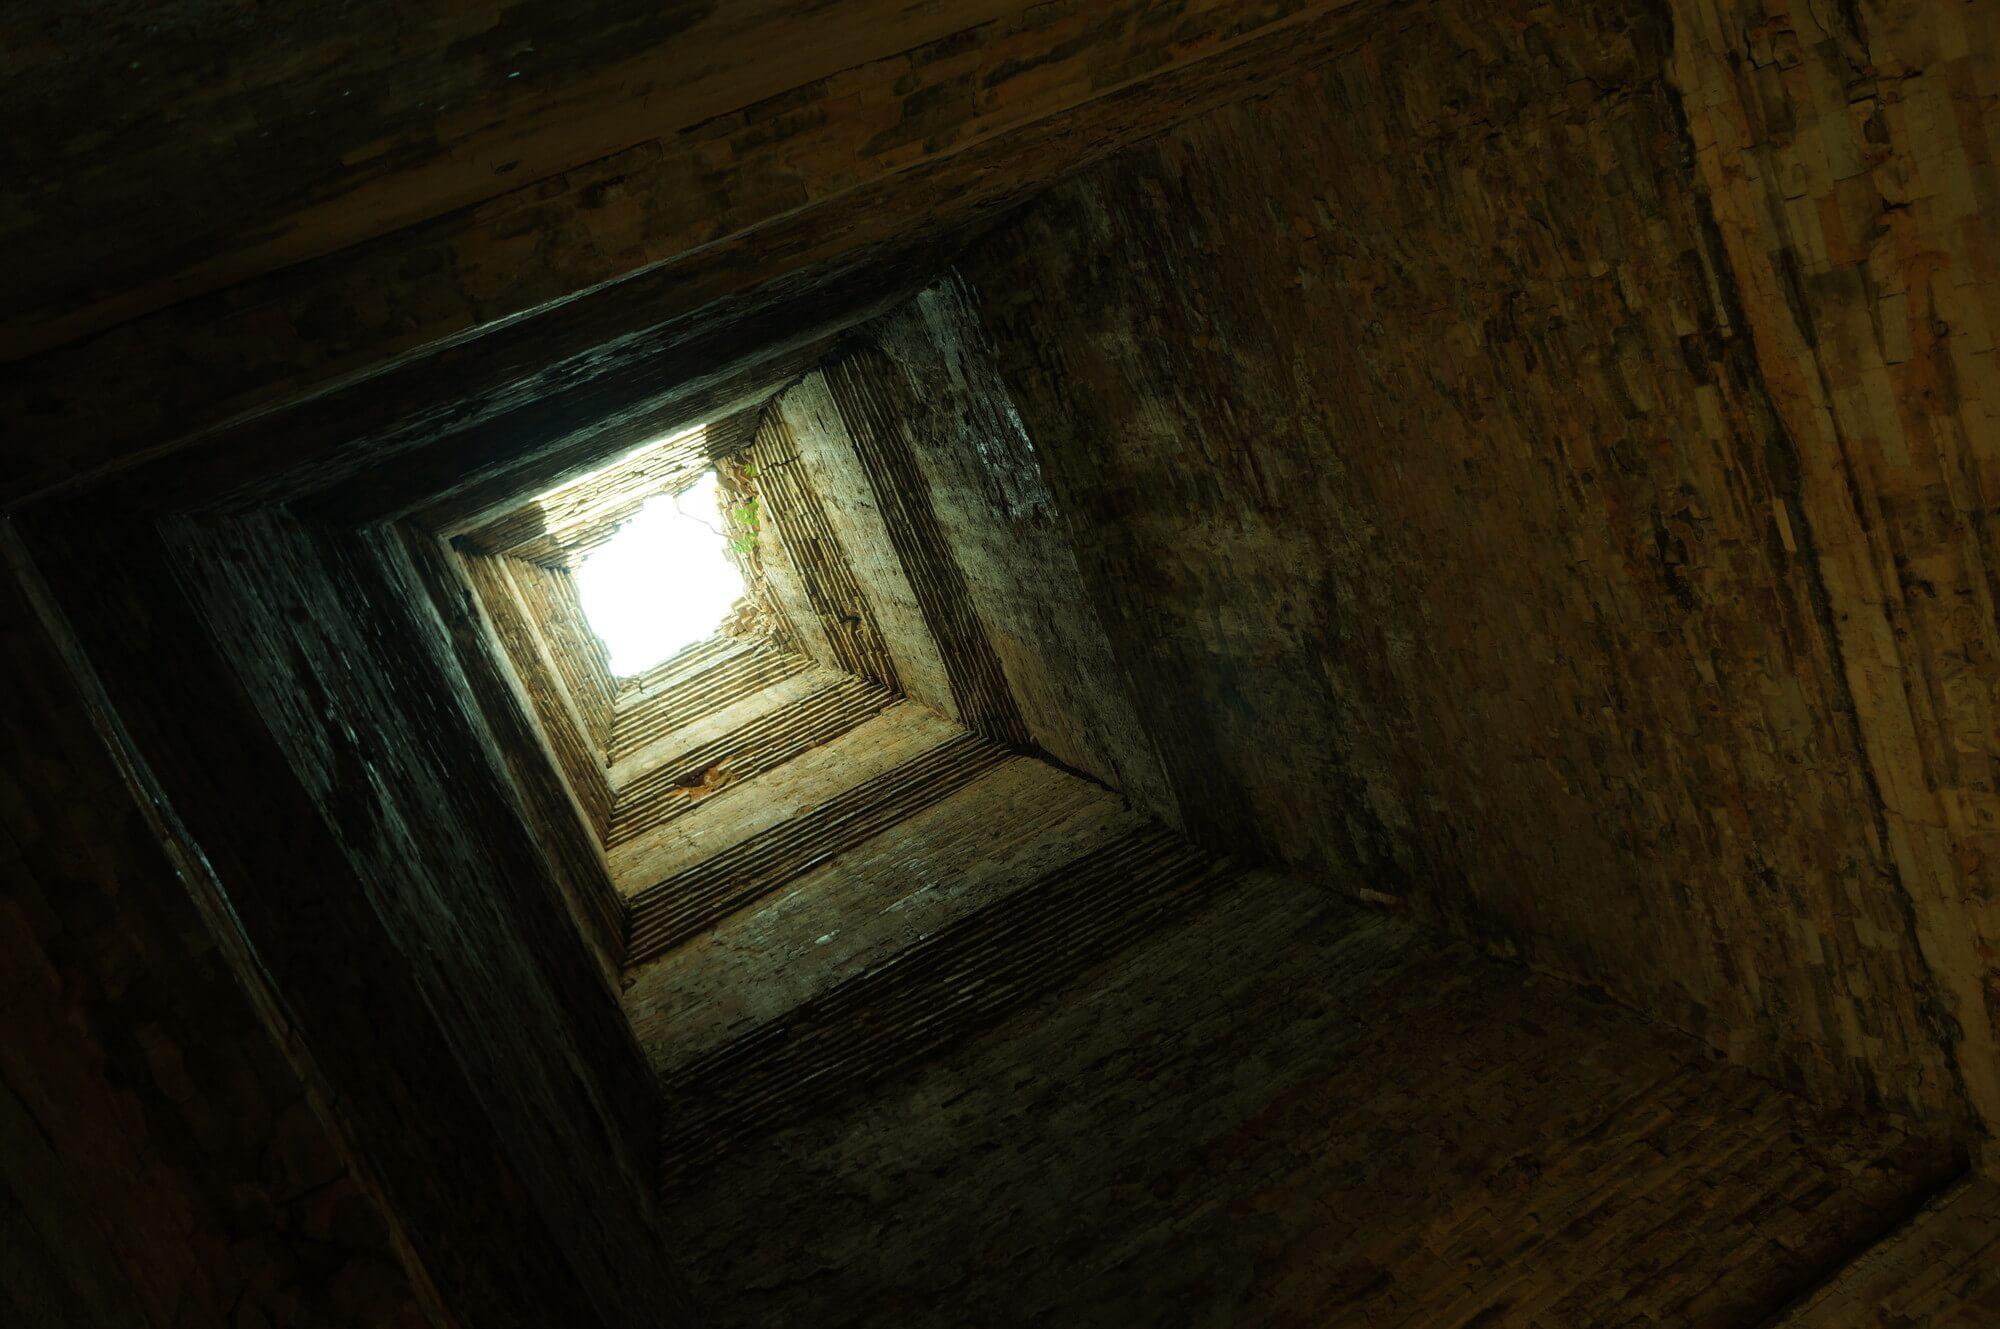 angkor-wat-tomb-raider-7